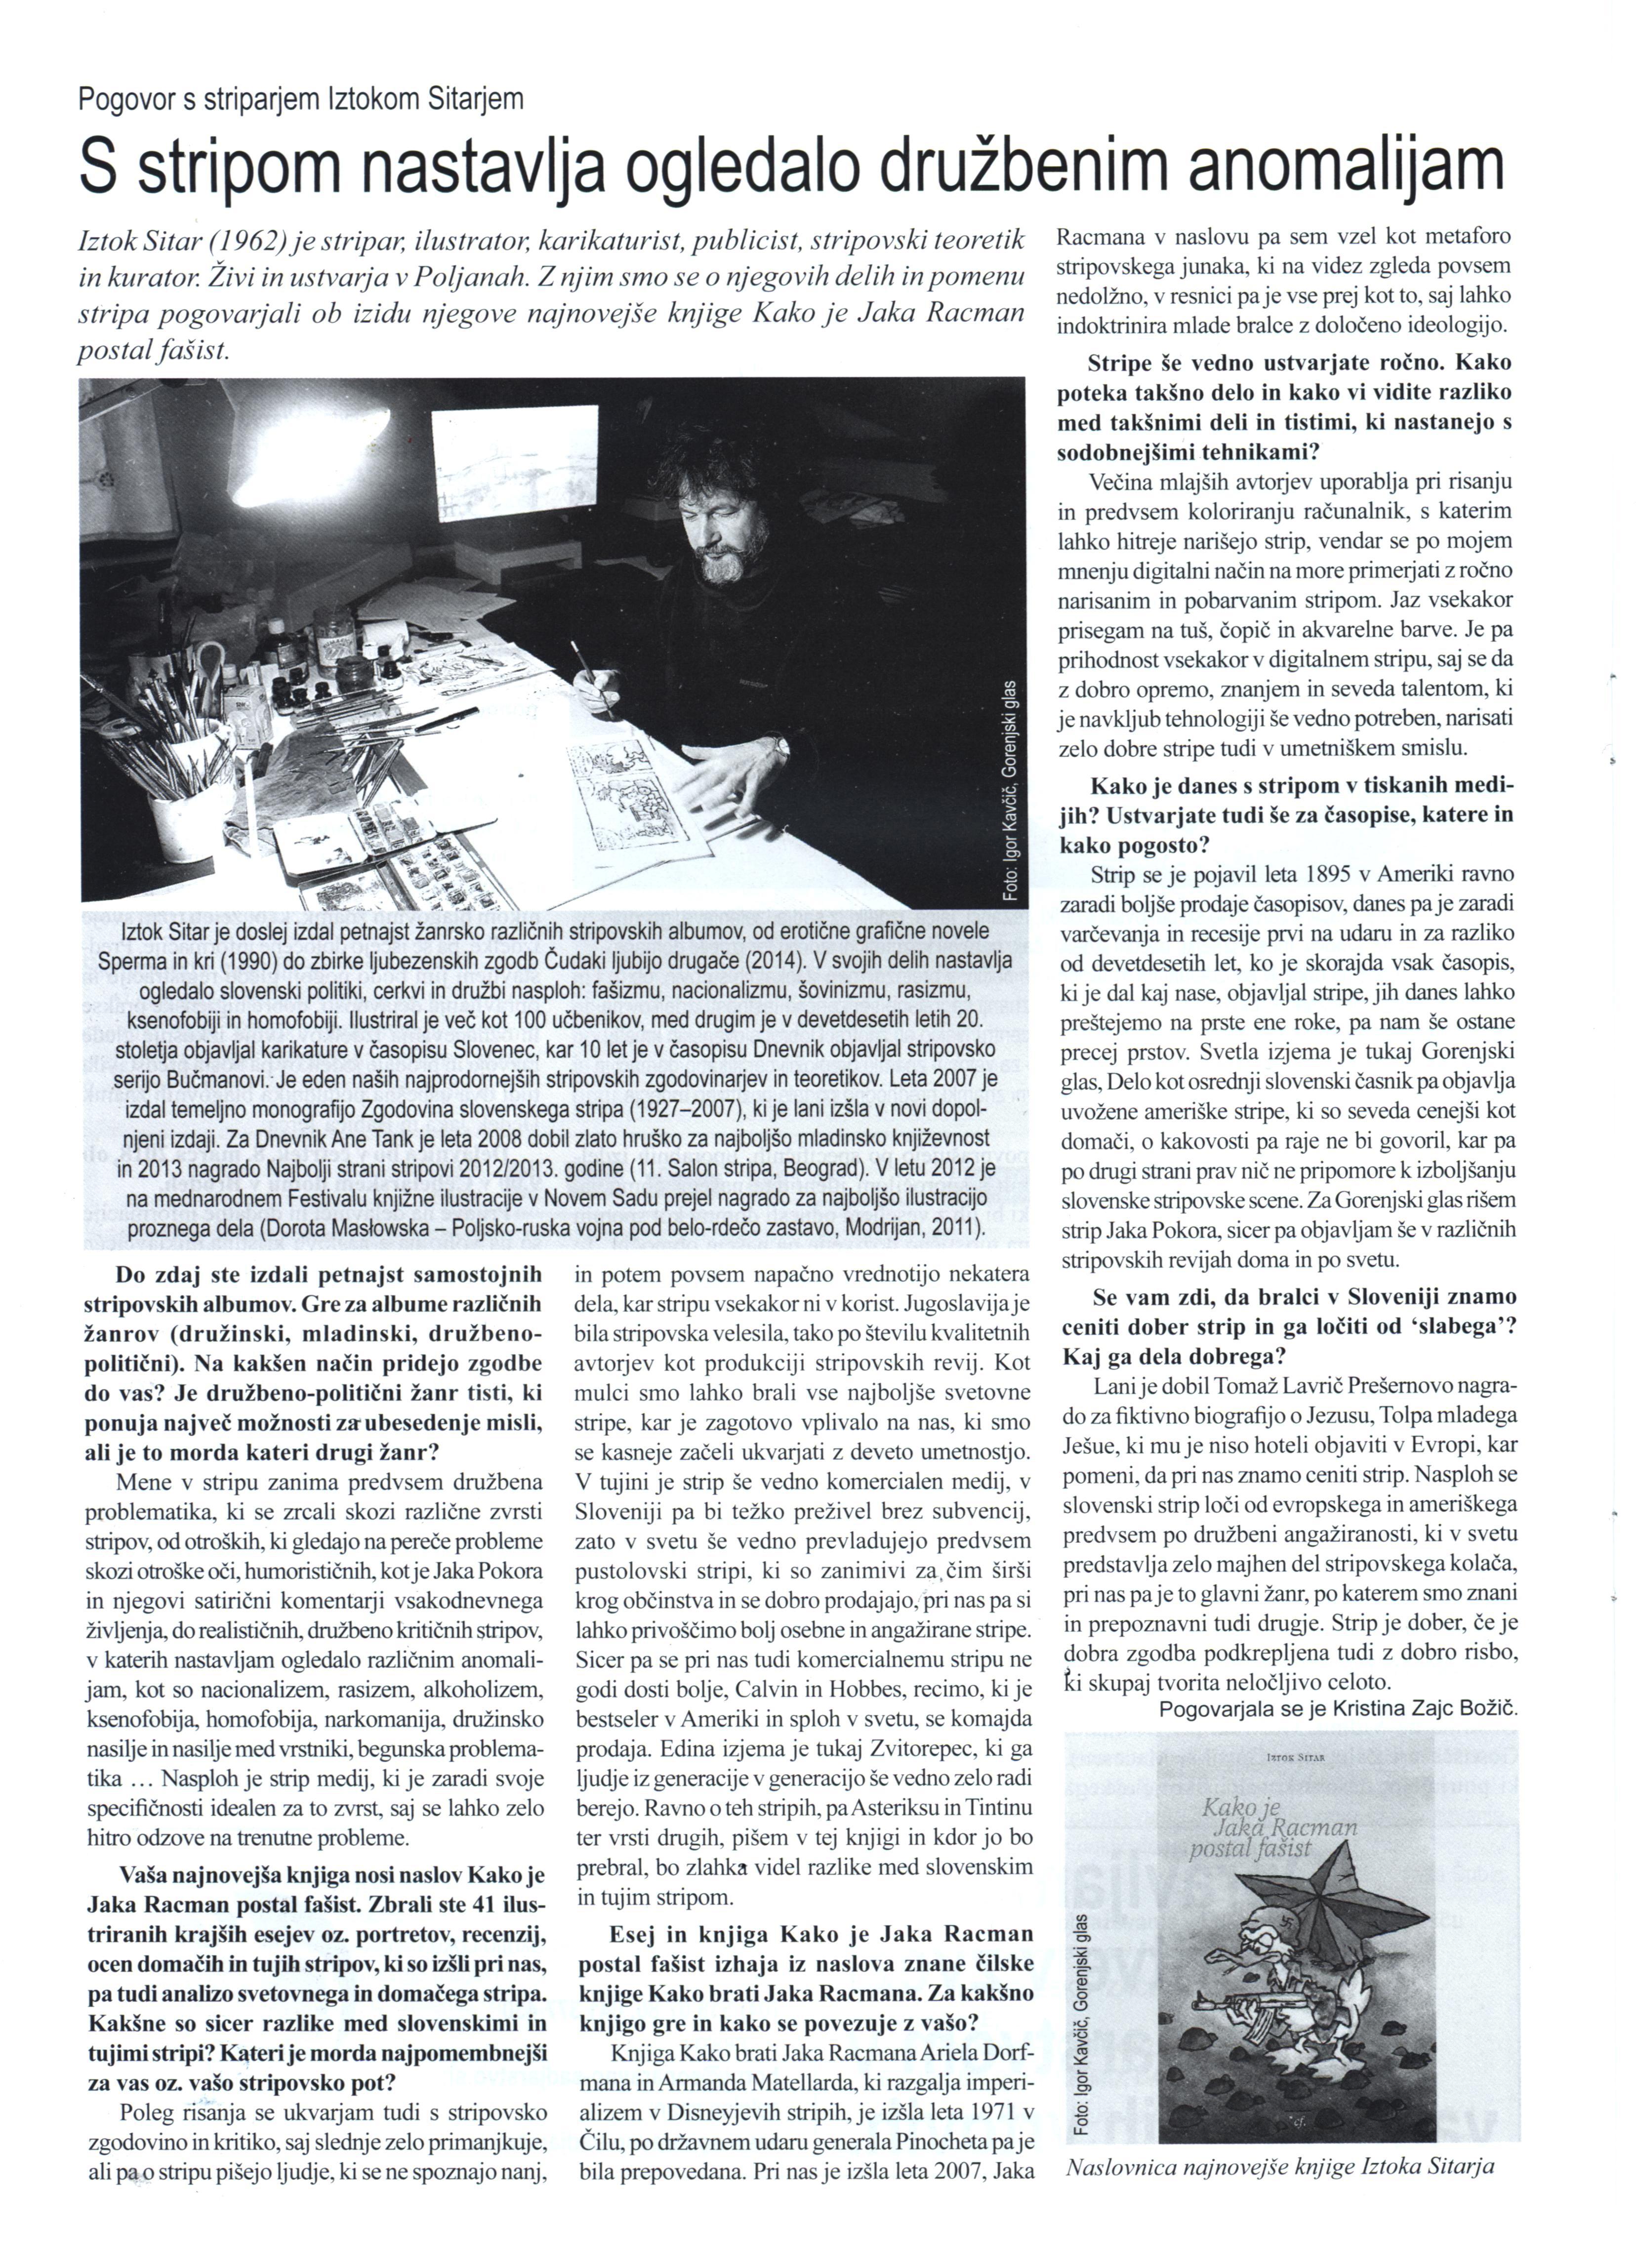 Iztok Sitar, Kako je Jaka Racman postal fašist